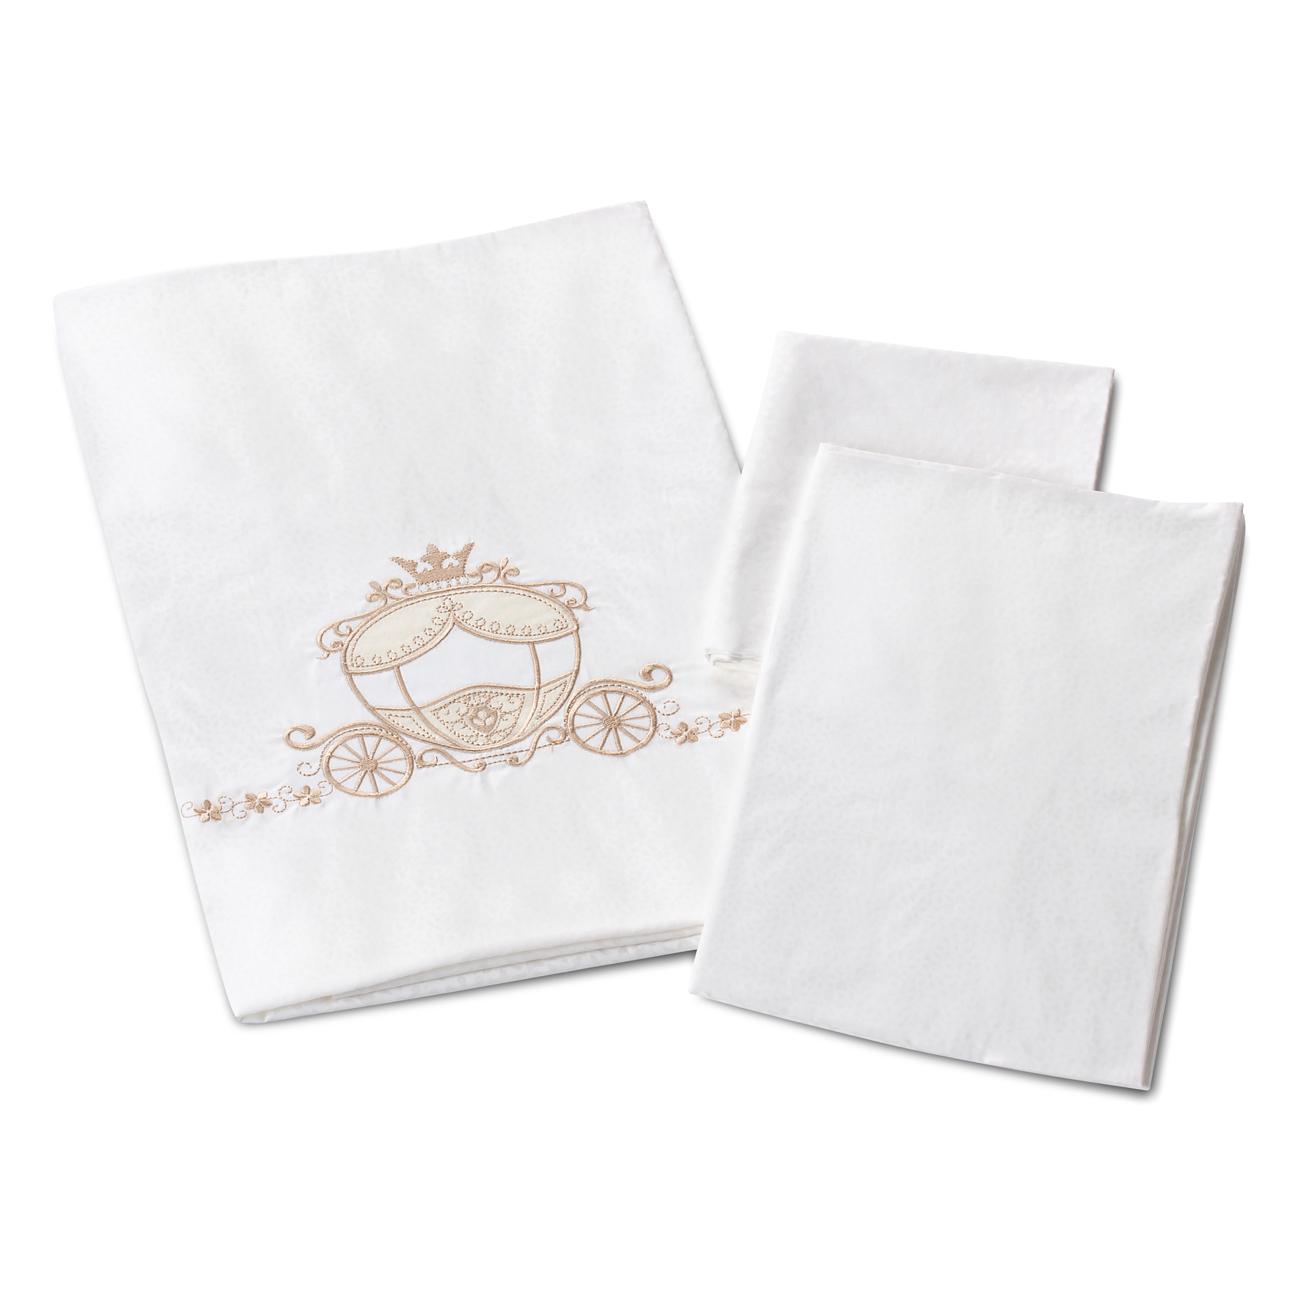 Комплект в кроватку - Prestigio Pizzo, 6 предметовДетское постельное белье<br>Комплект в кроватку - Prestigio Pizzo, 6 предметов<br>